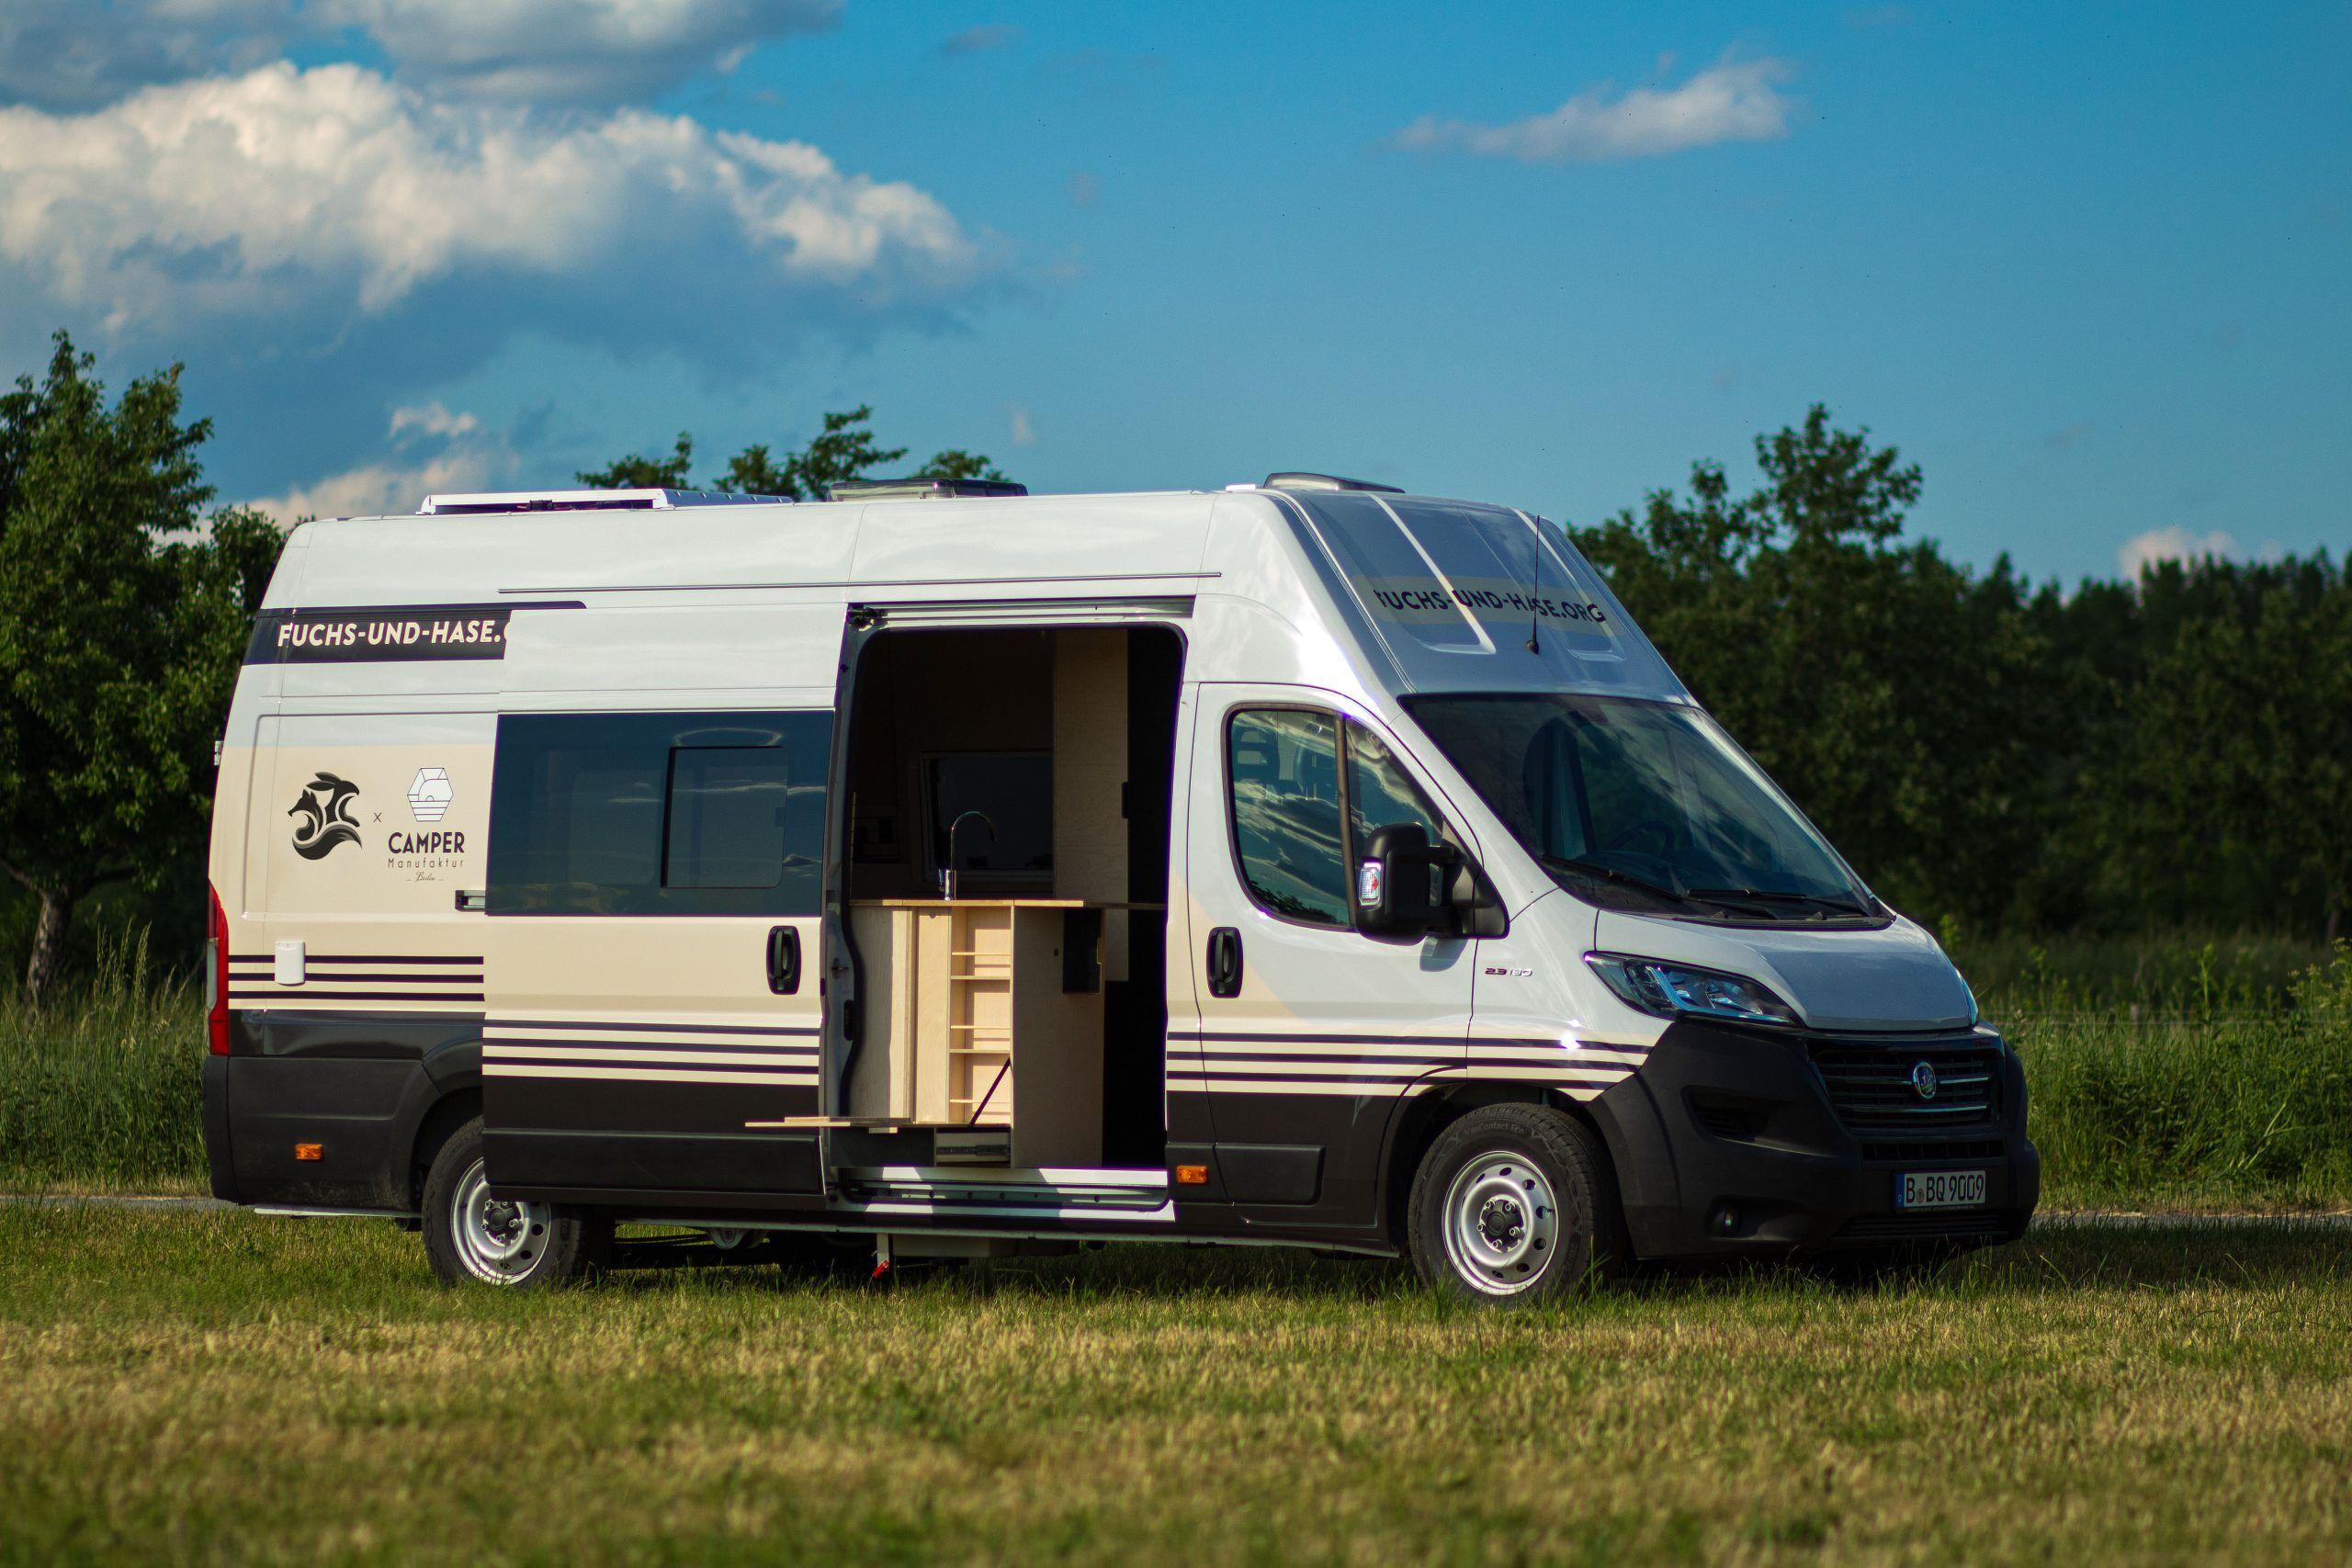 Wildfuchs Camper Van von Fuchs & Hase